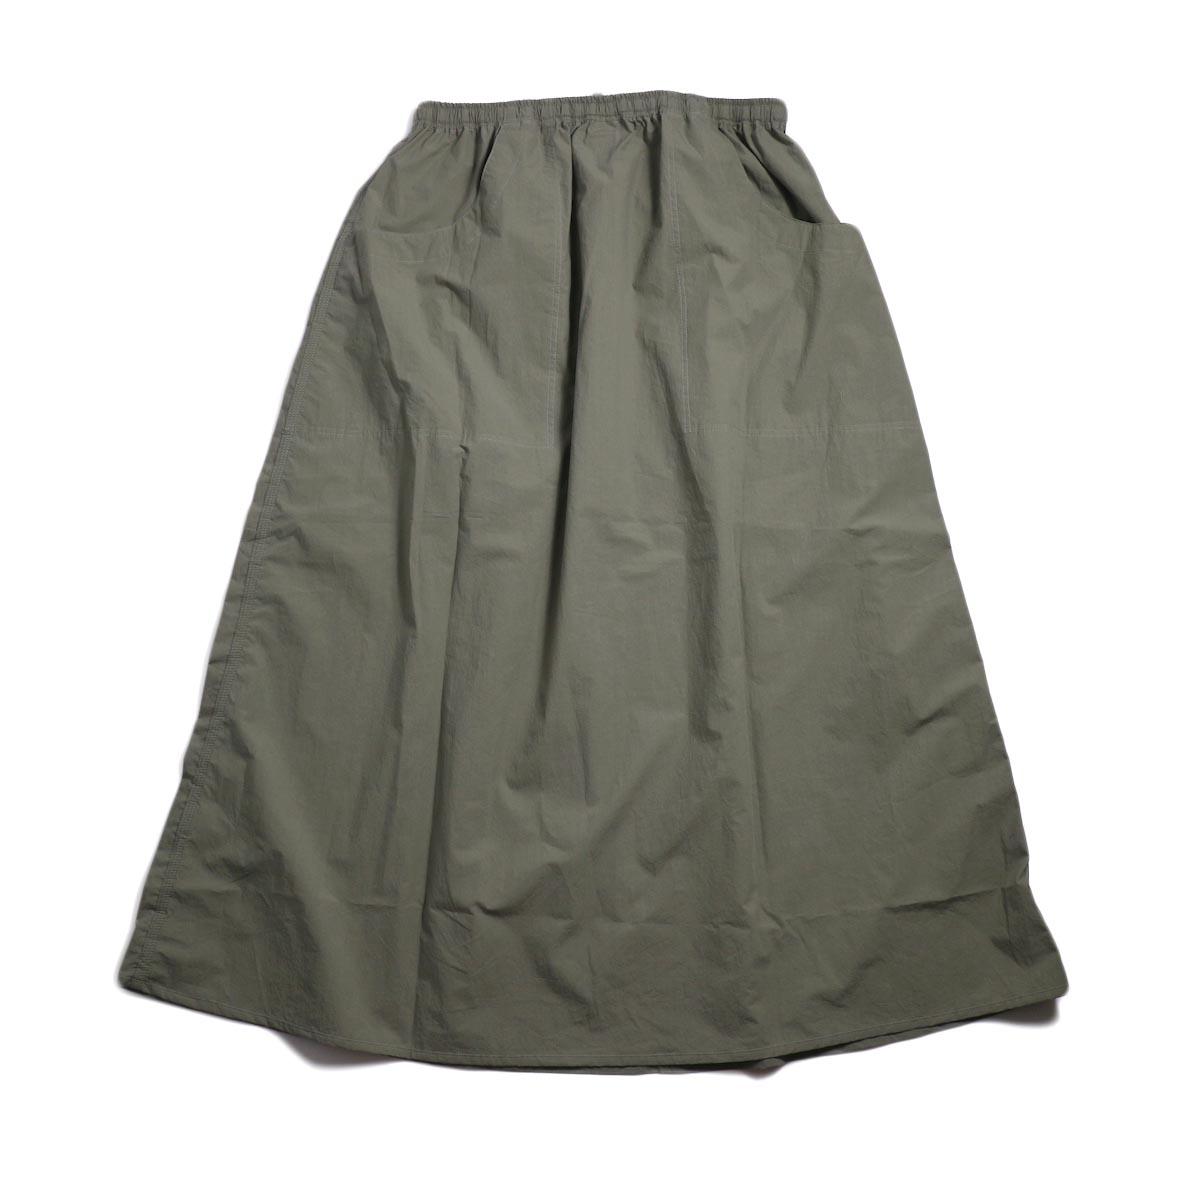 orSlow / Climbing Skirt -Greige 背面